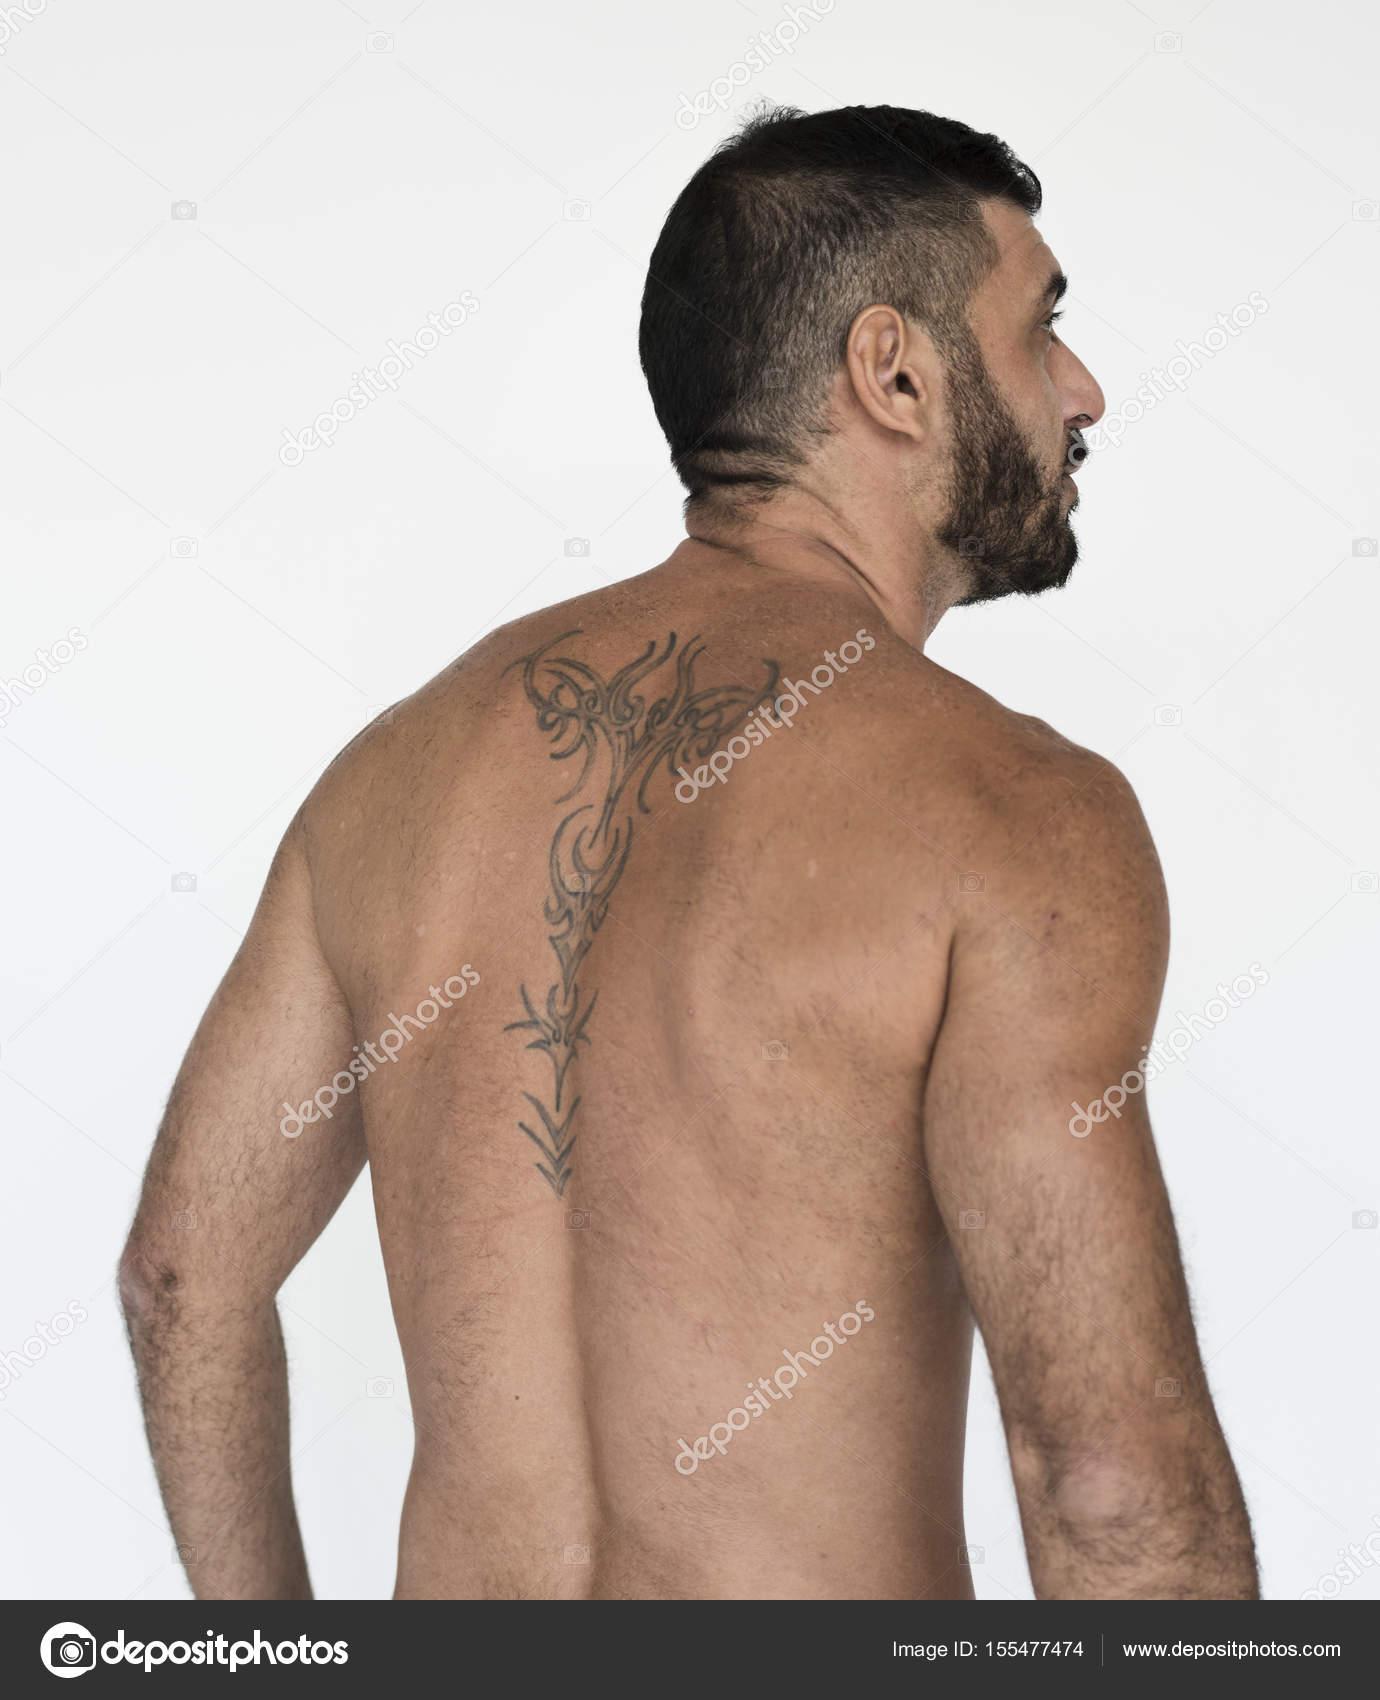 naken tatuering modell